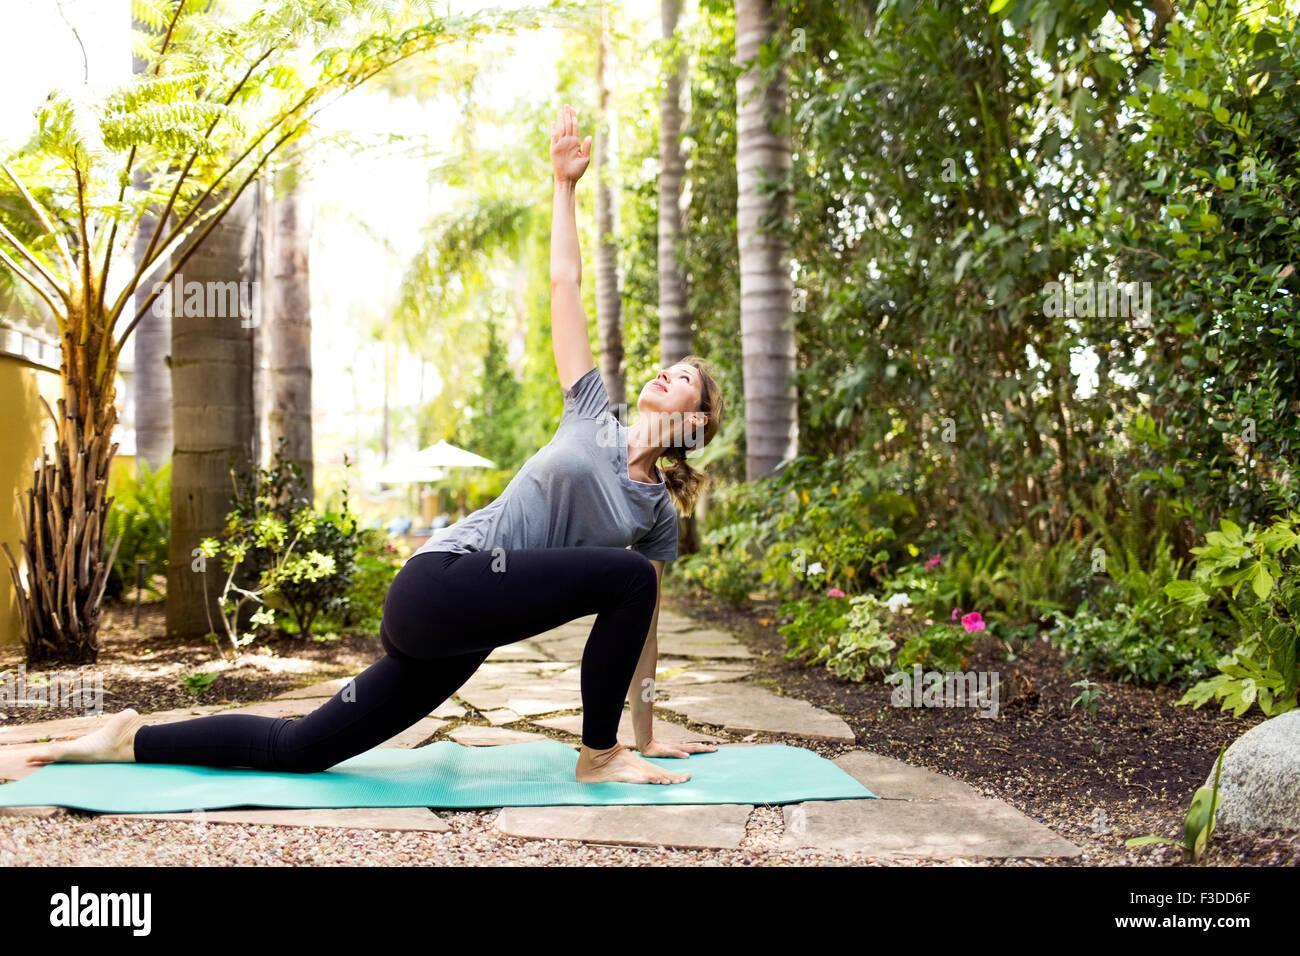 Mujer practicando yoga Imagen De Stock